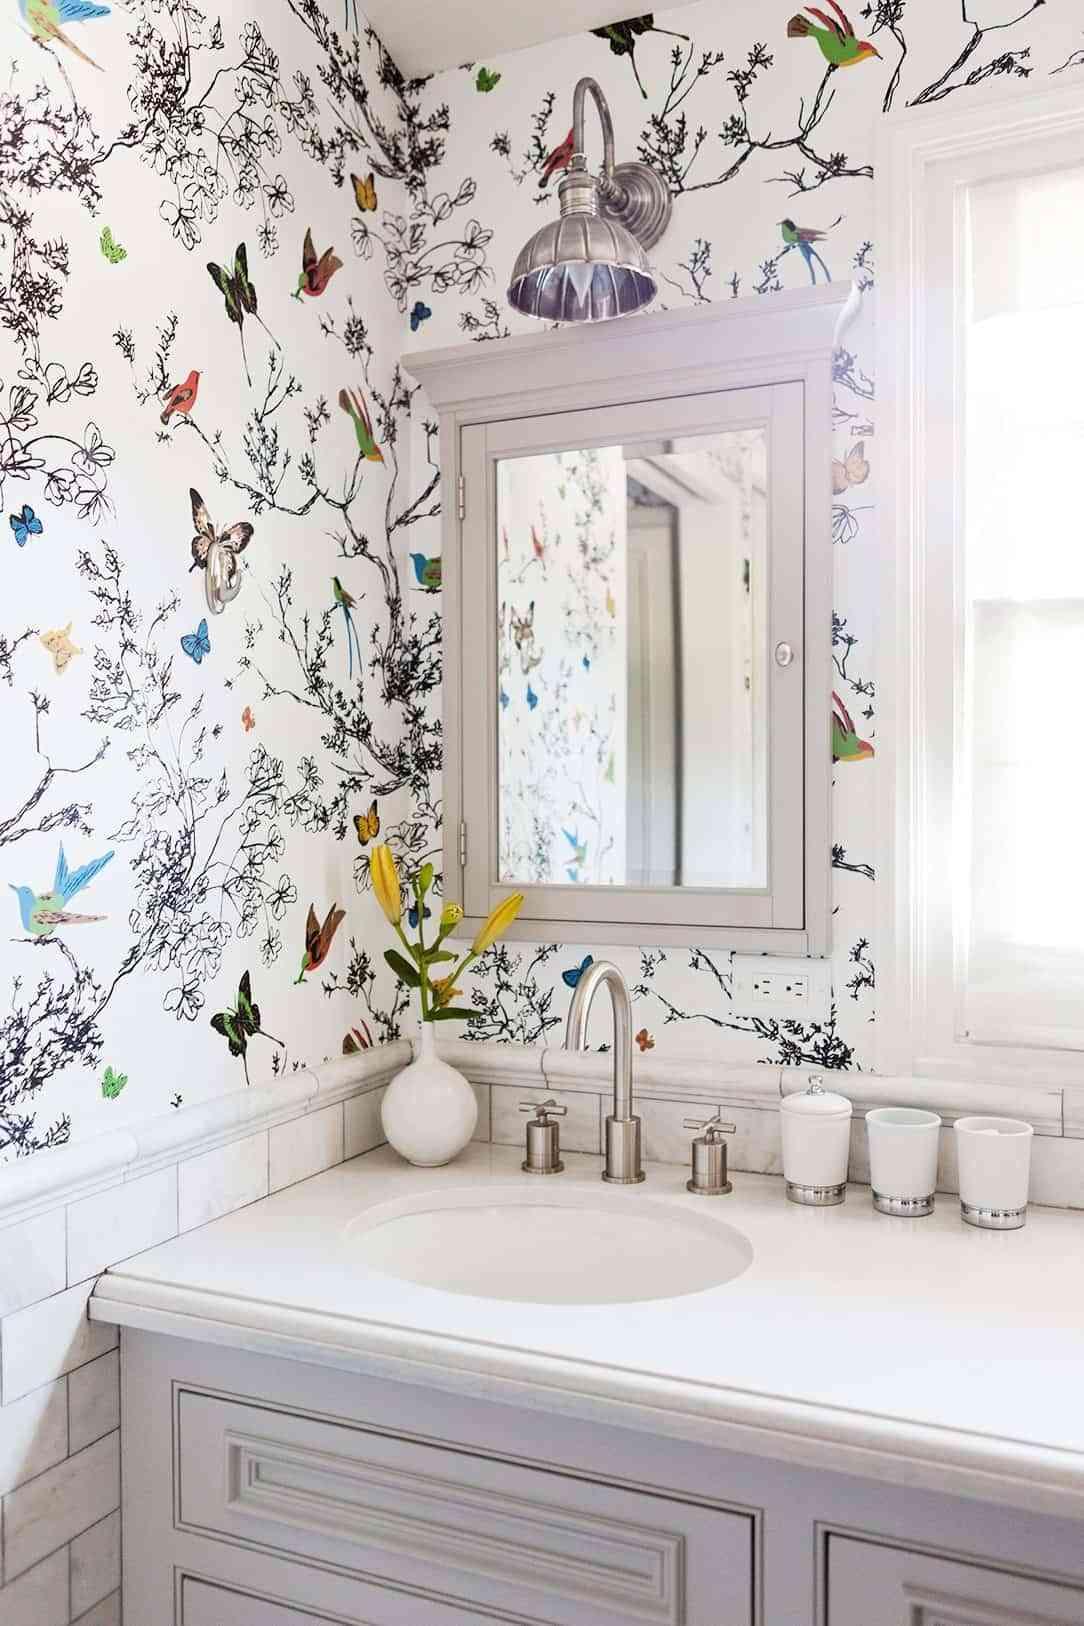 casa al día - papel pintado en el baño